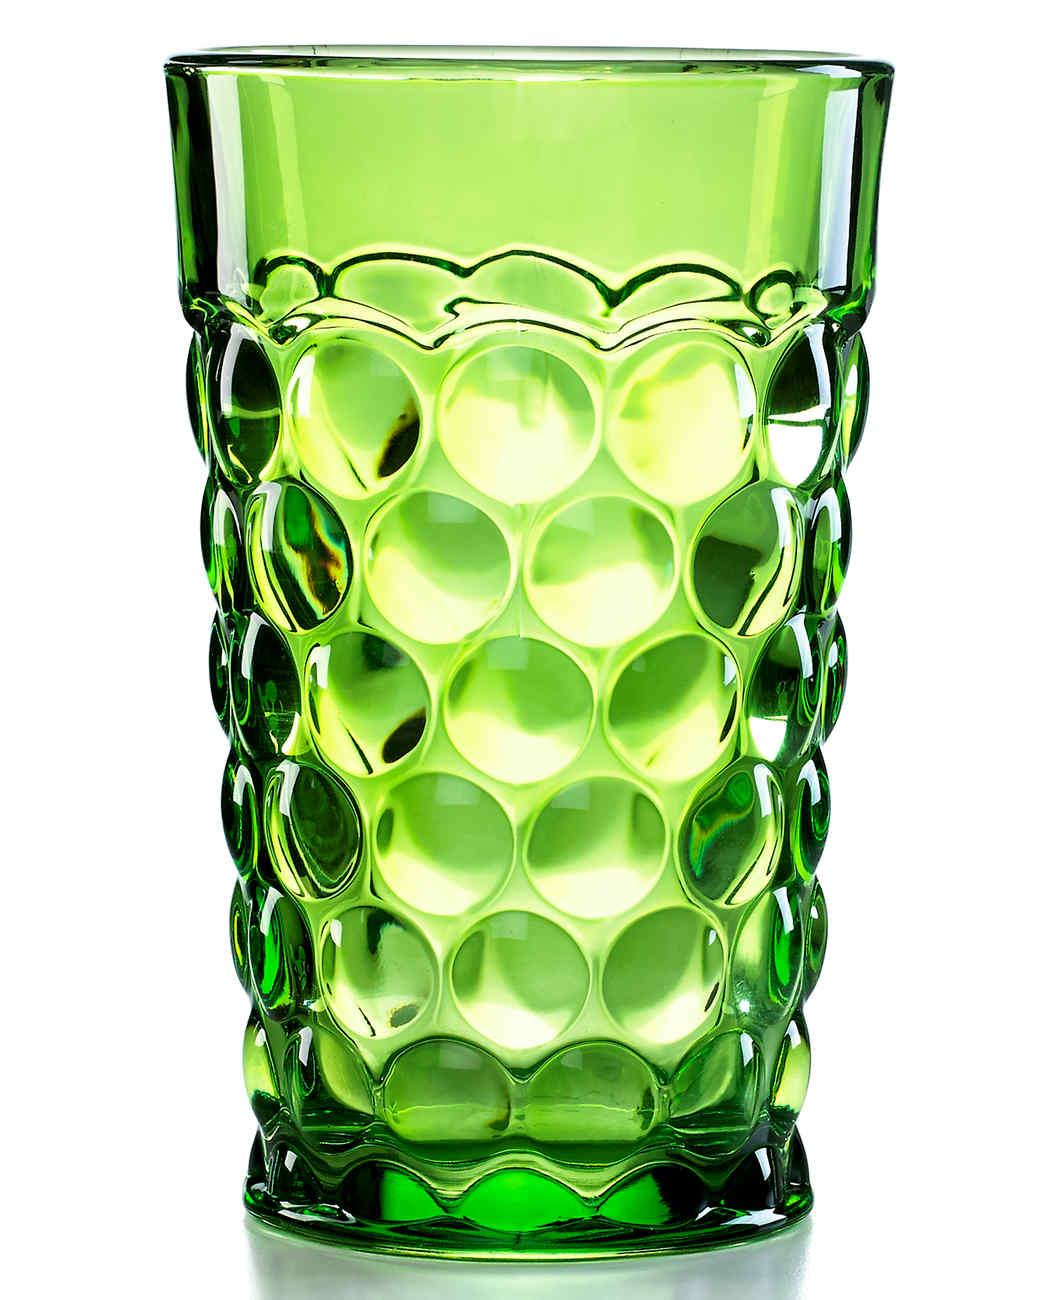 msmacys-hobnailglassware-greenhighball-retail-0214.jpg